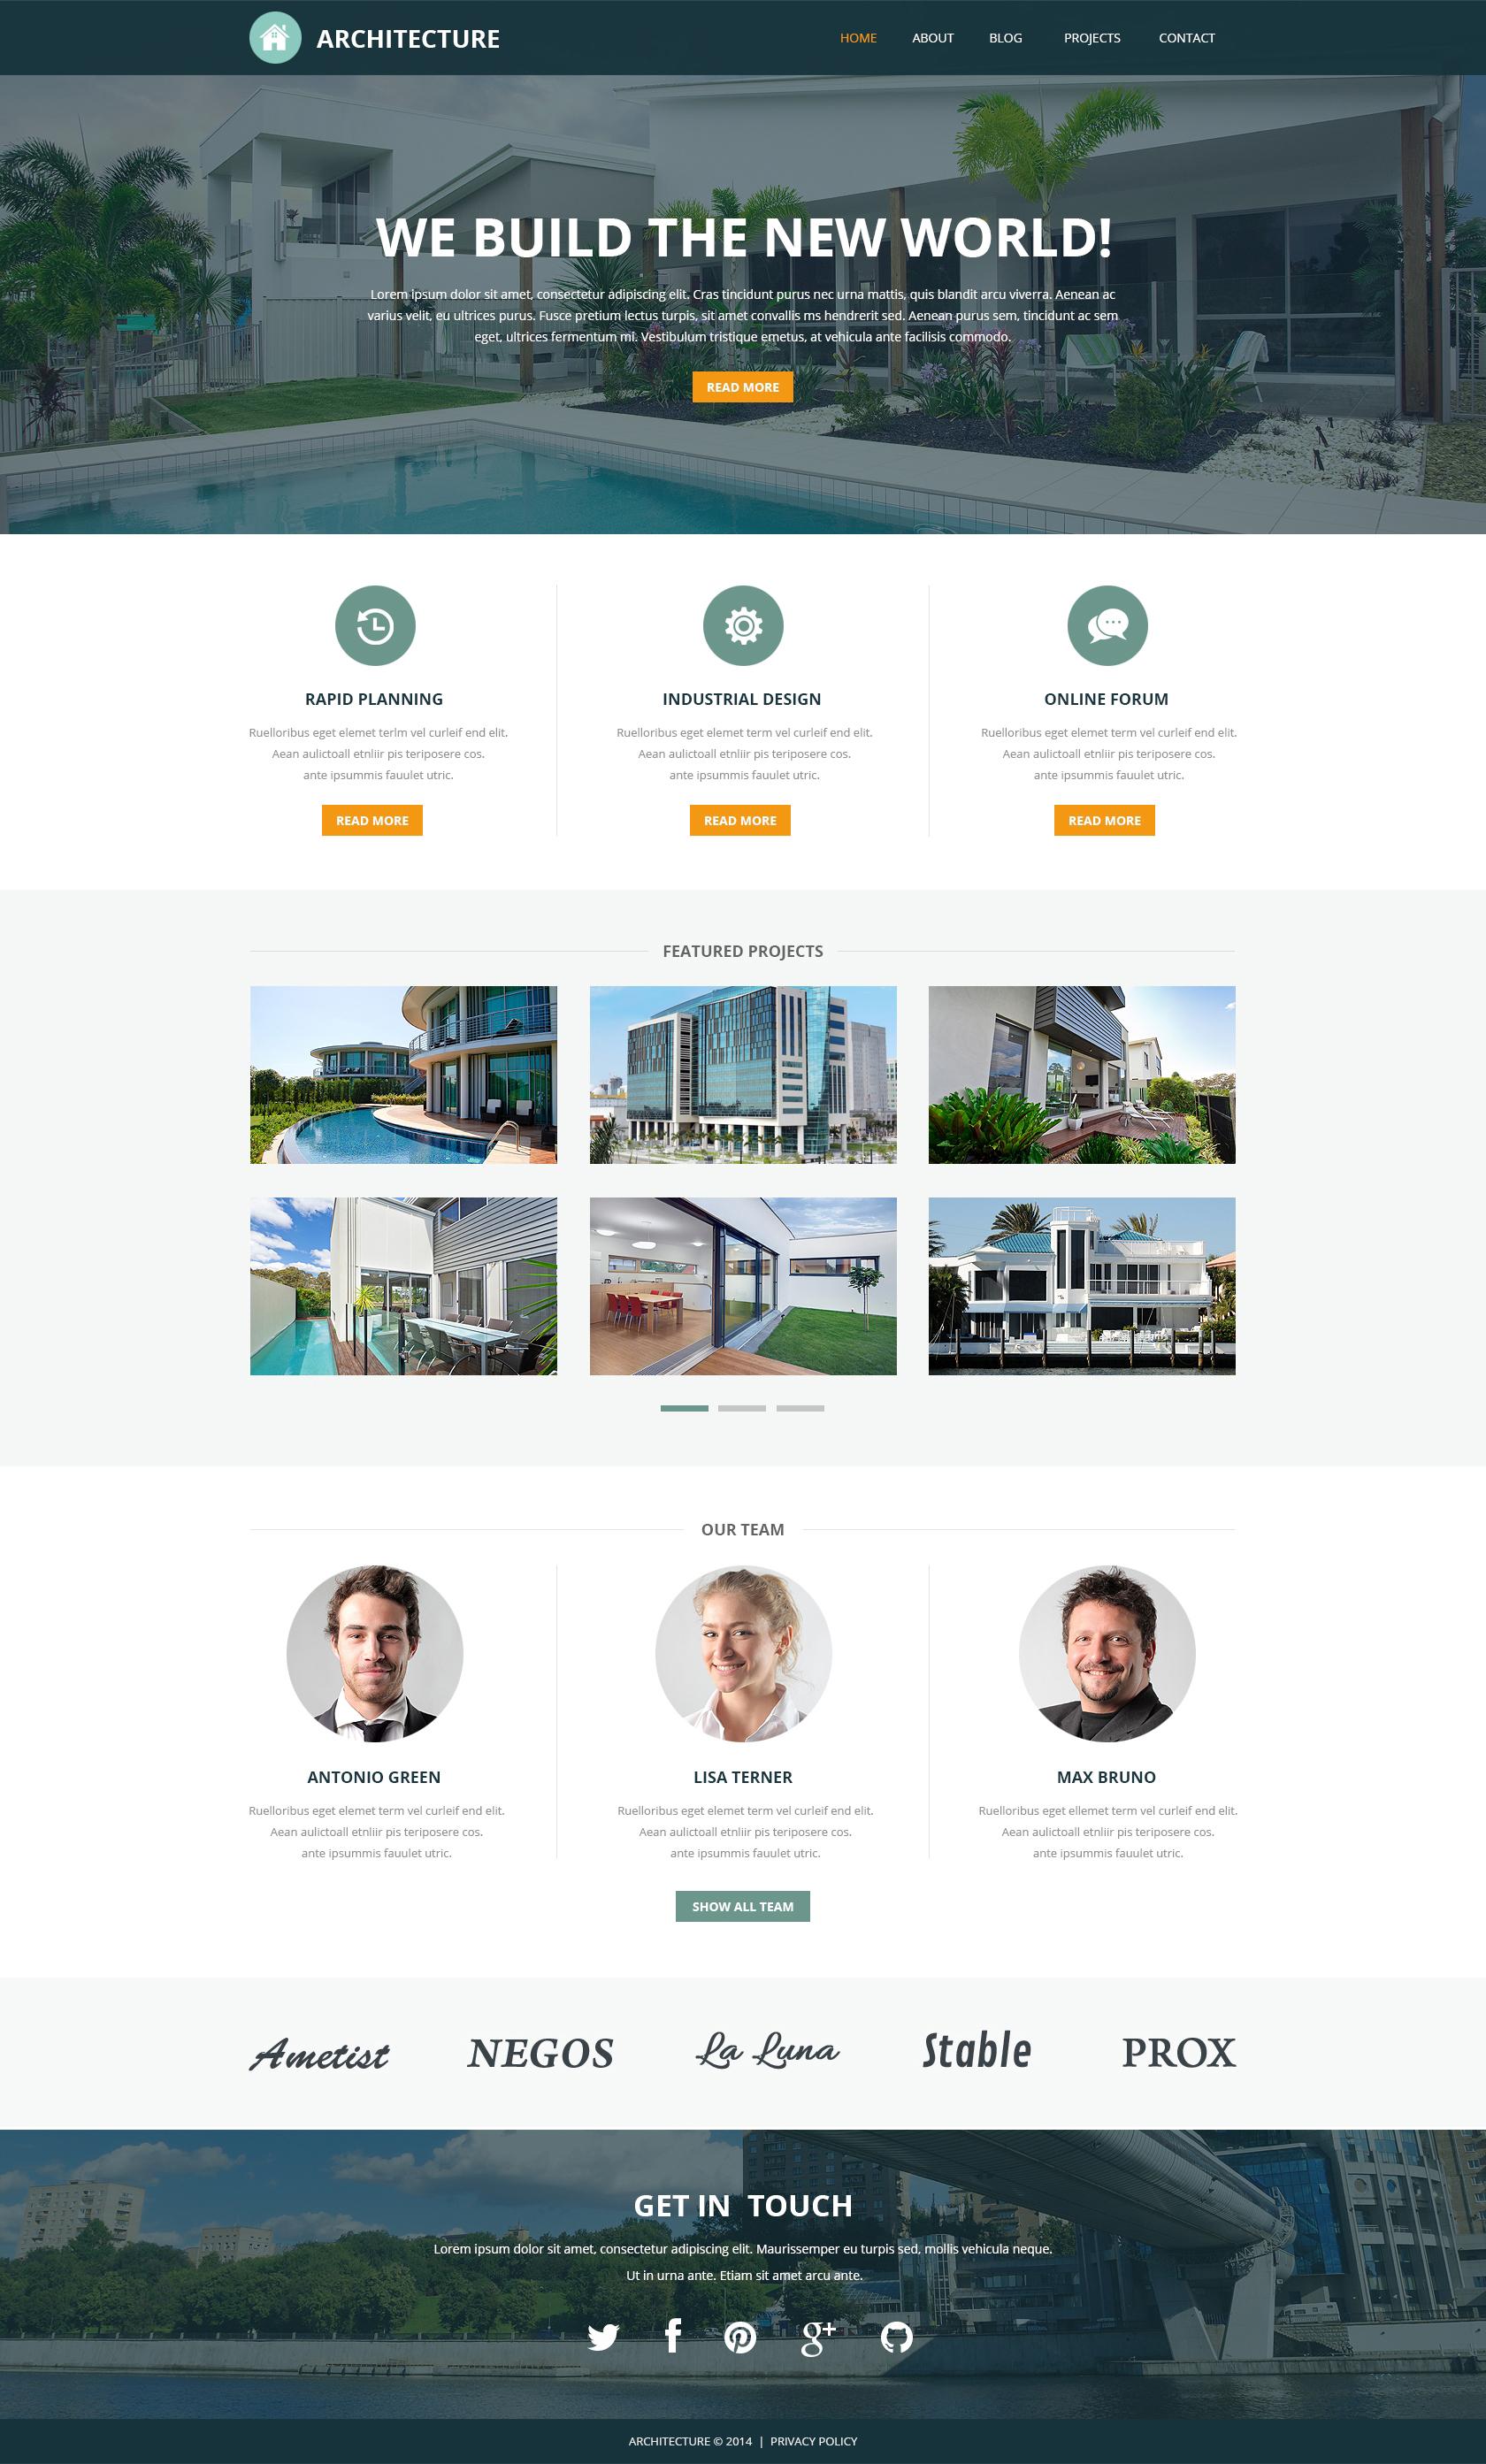 Pro Architectural Designs №51247 - скриншот